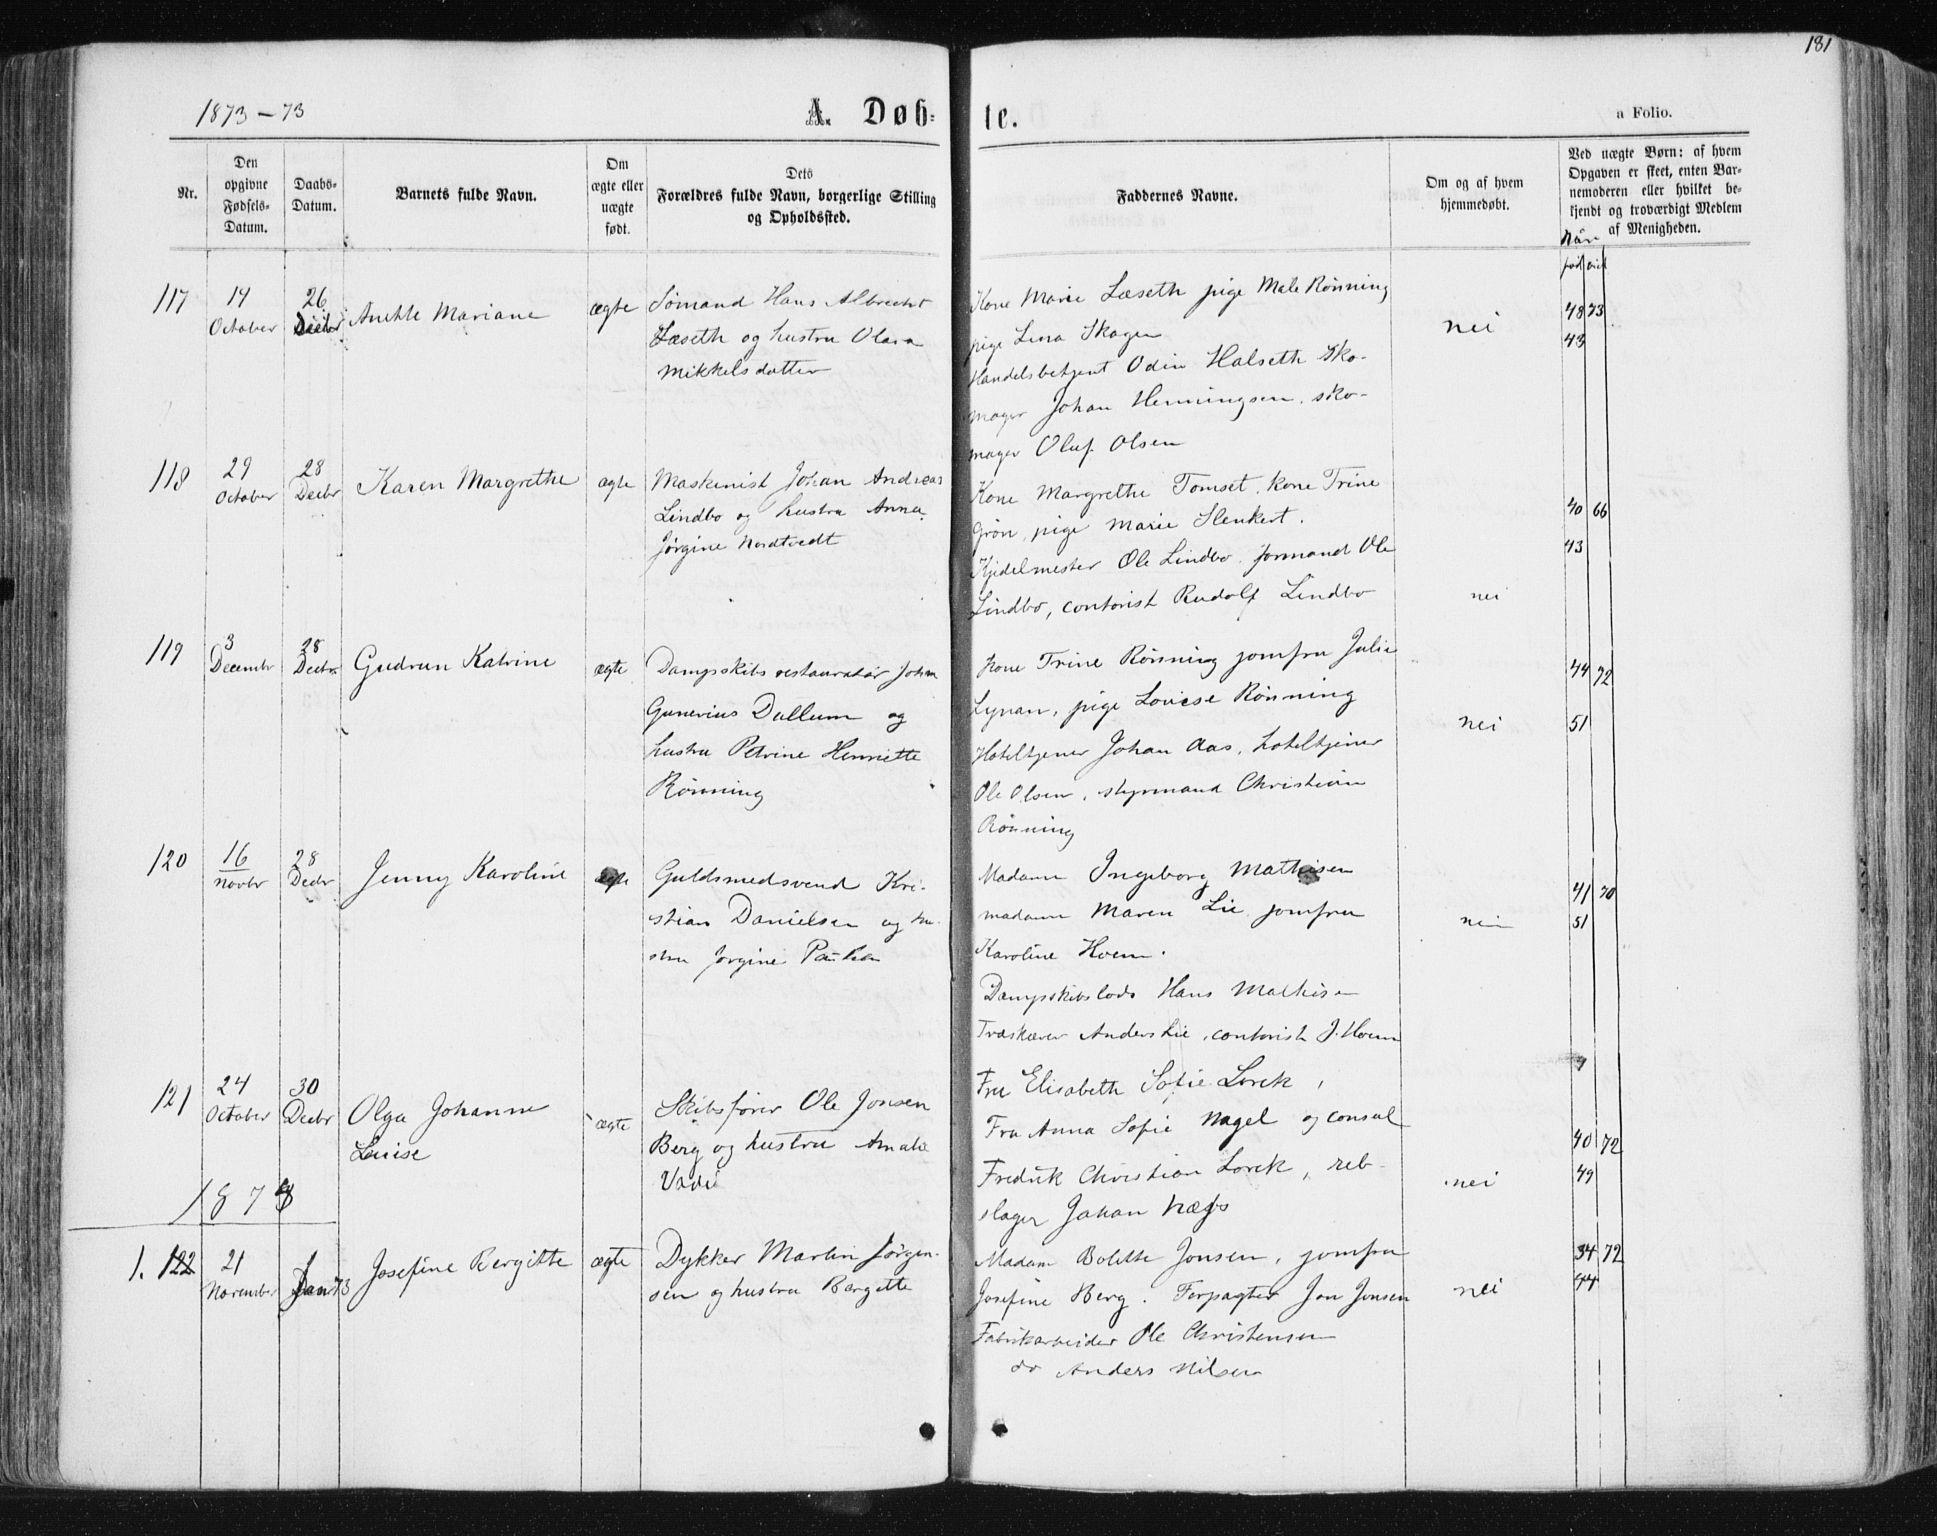 SAT, Ministerialprotokoller, klokkerbøker og fødselsregistre - Sør-Trøndelag, 604/L0186: Ministerialbok nr. 604A07, 1866-1877, s. 181